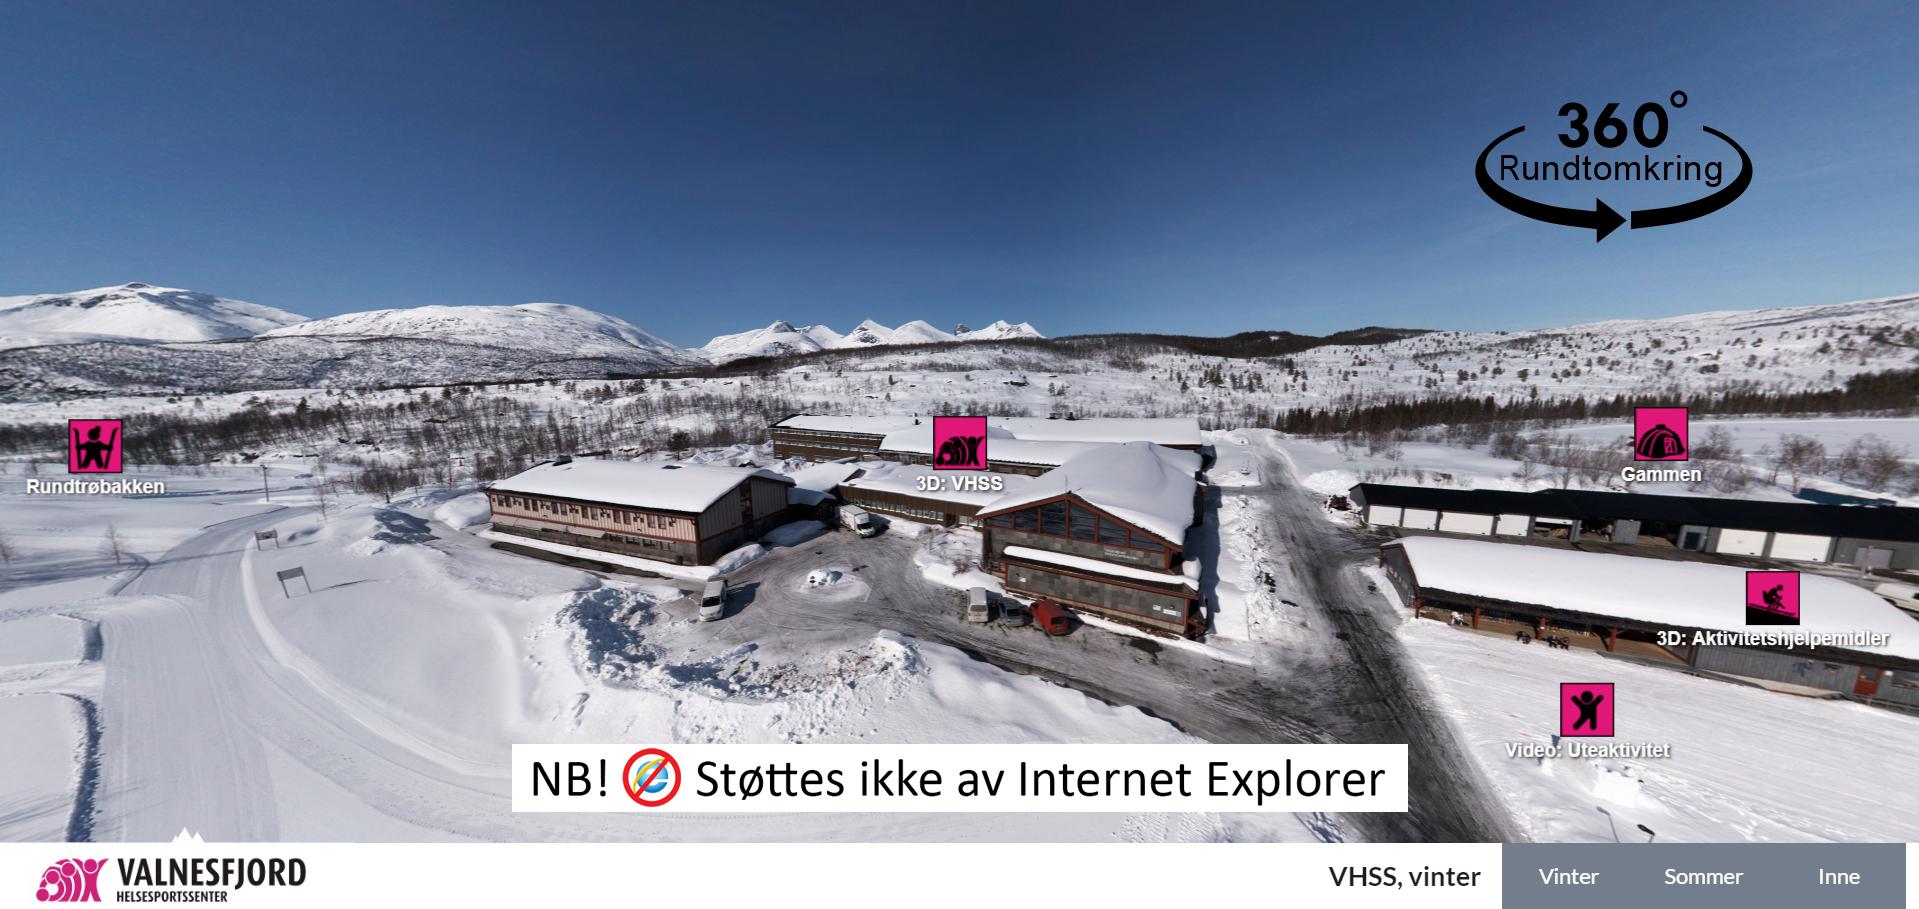 Oversiktsbilde over nærområdet rundt Valnesfjord Helsesportssenter, vinter